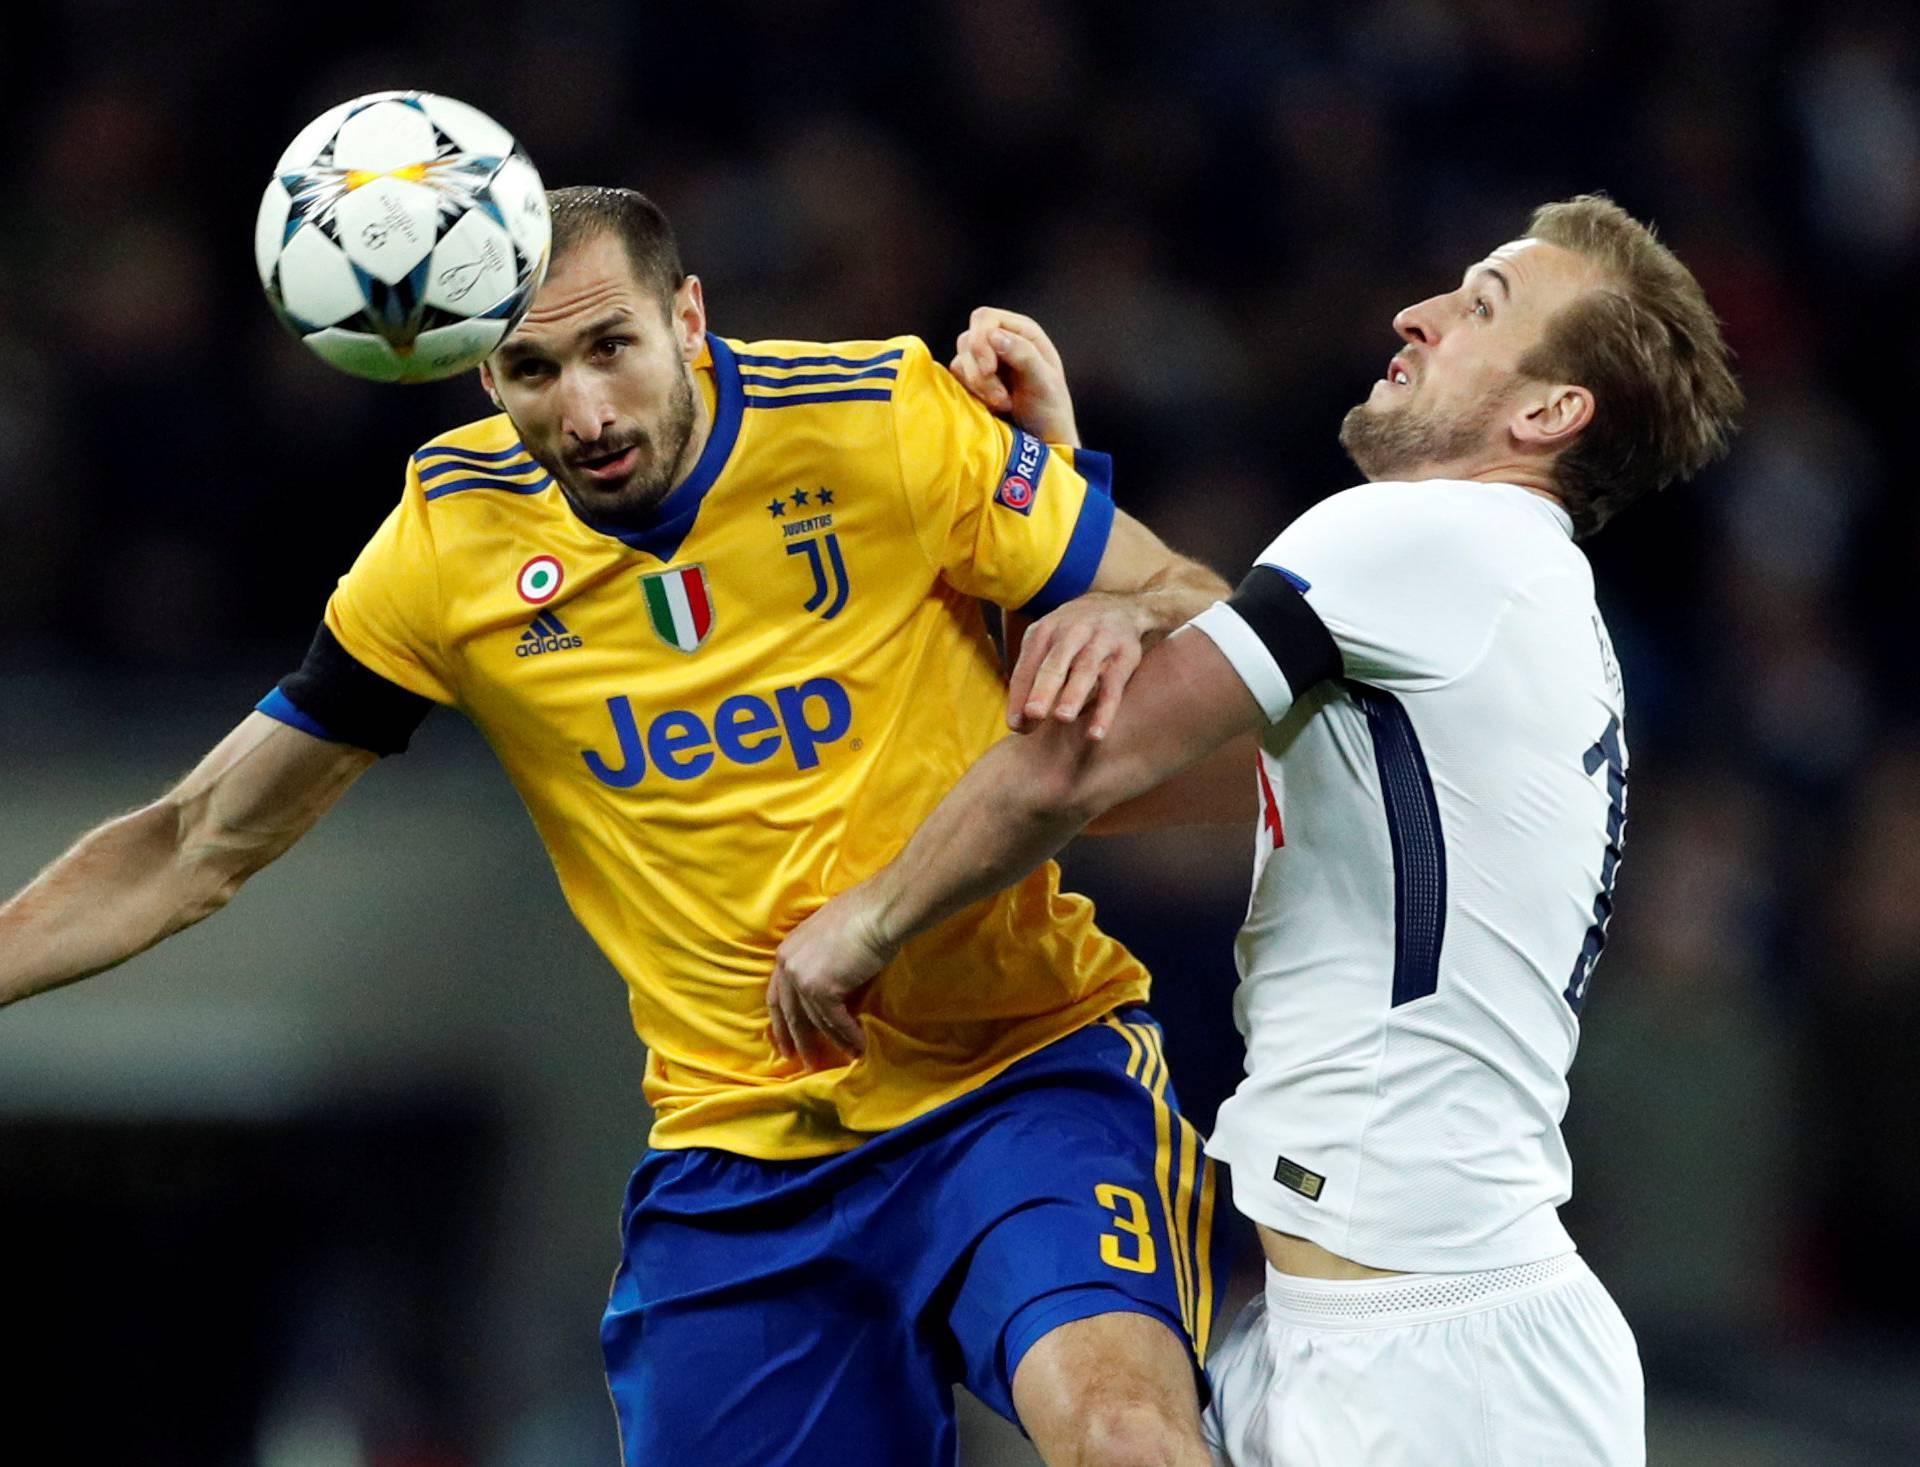 Champions League Round of 16 Second Leg - Tottenham Hotspur vs Juventus